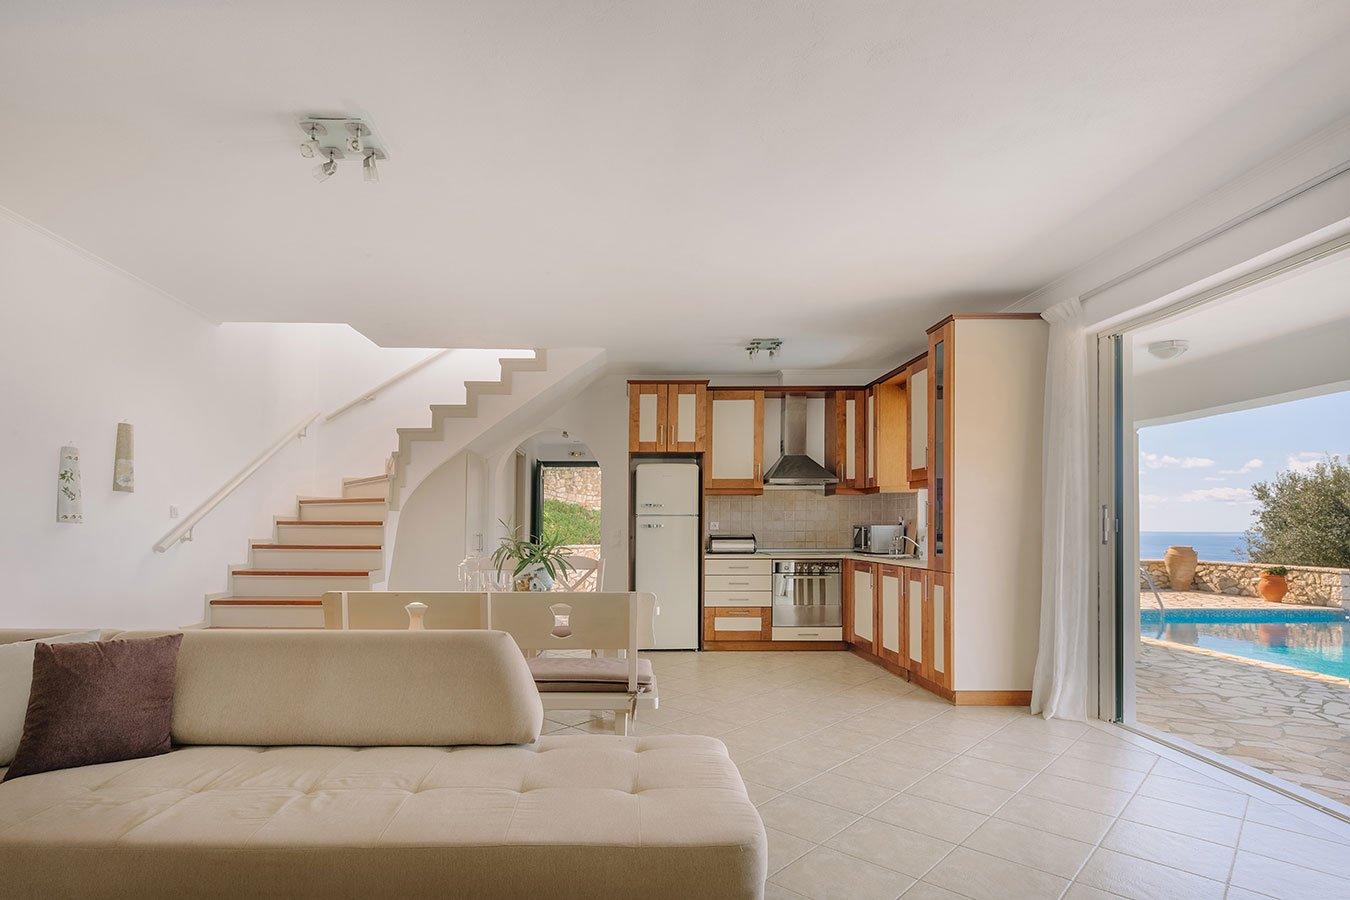 Nika Villa Paxos Livingroom